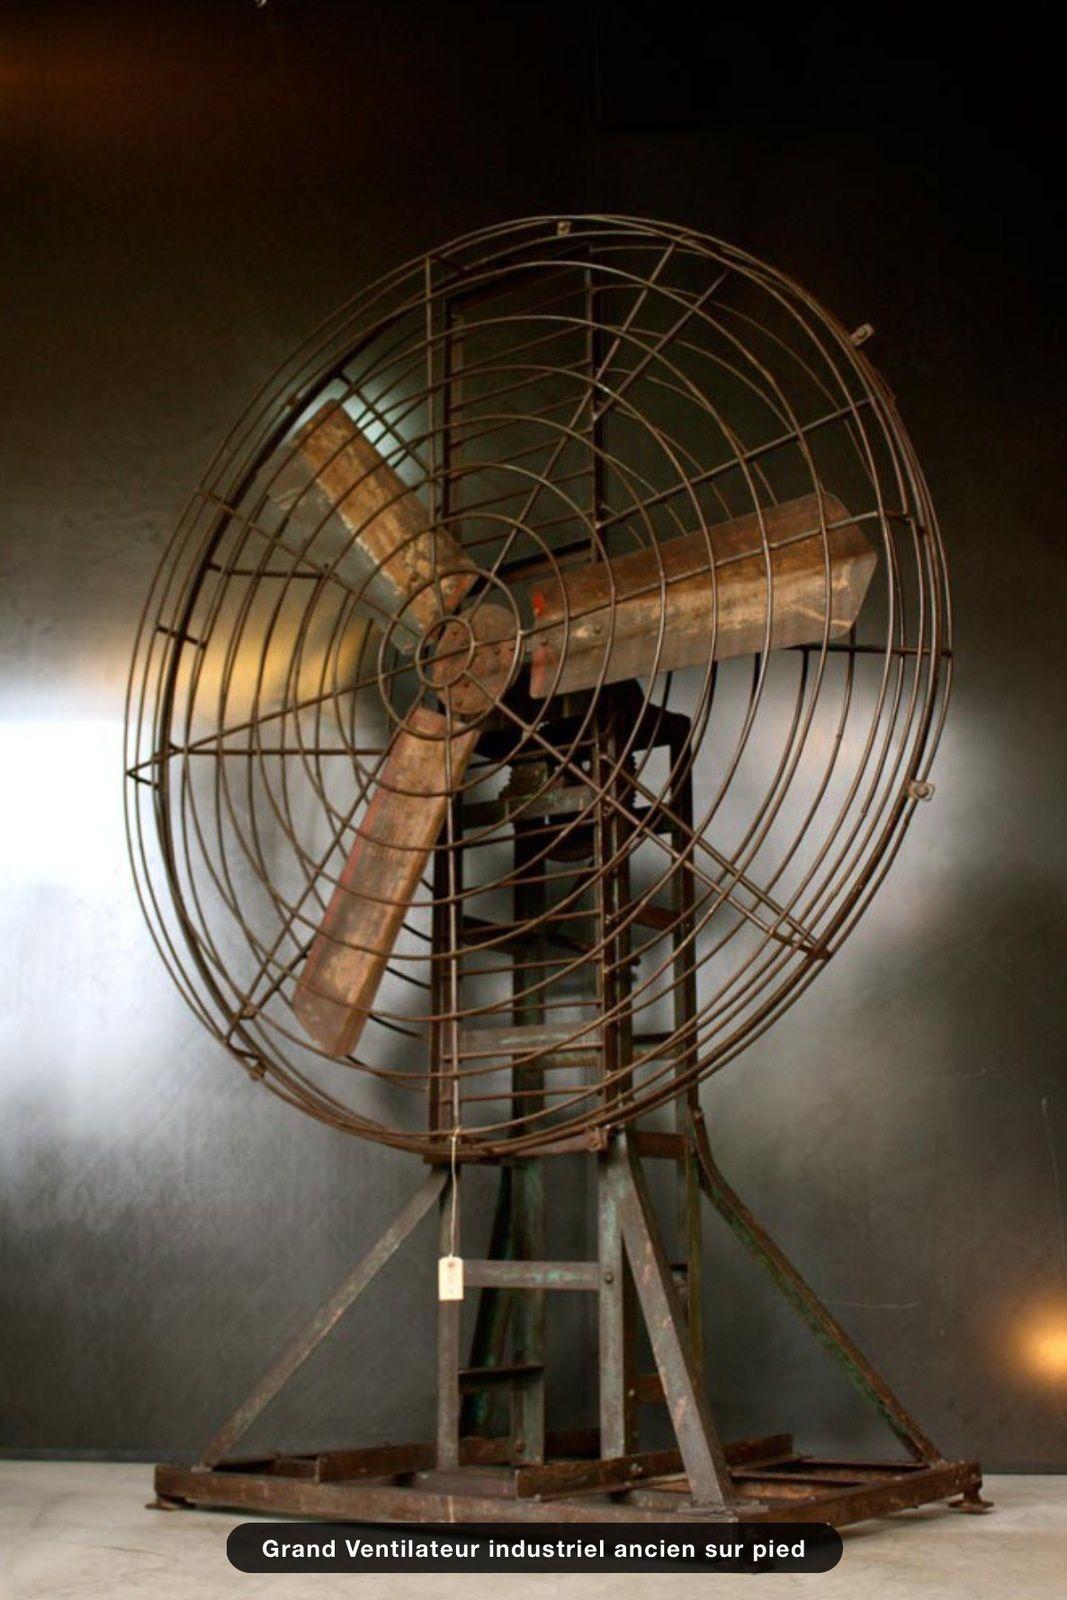 Grand ventilateur ancien sur pied